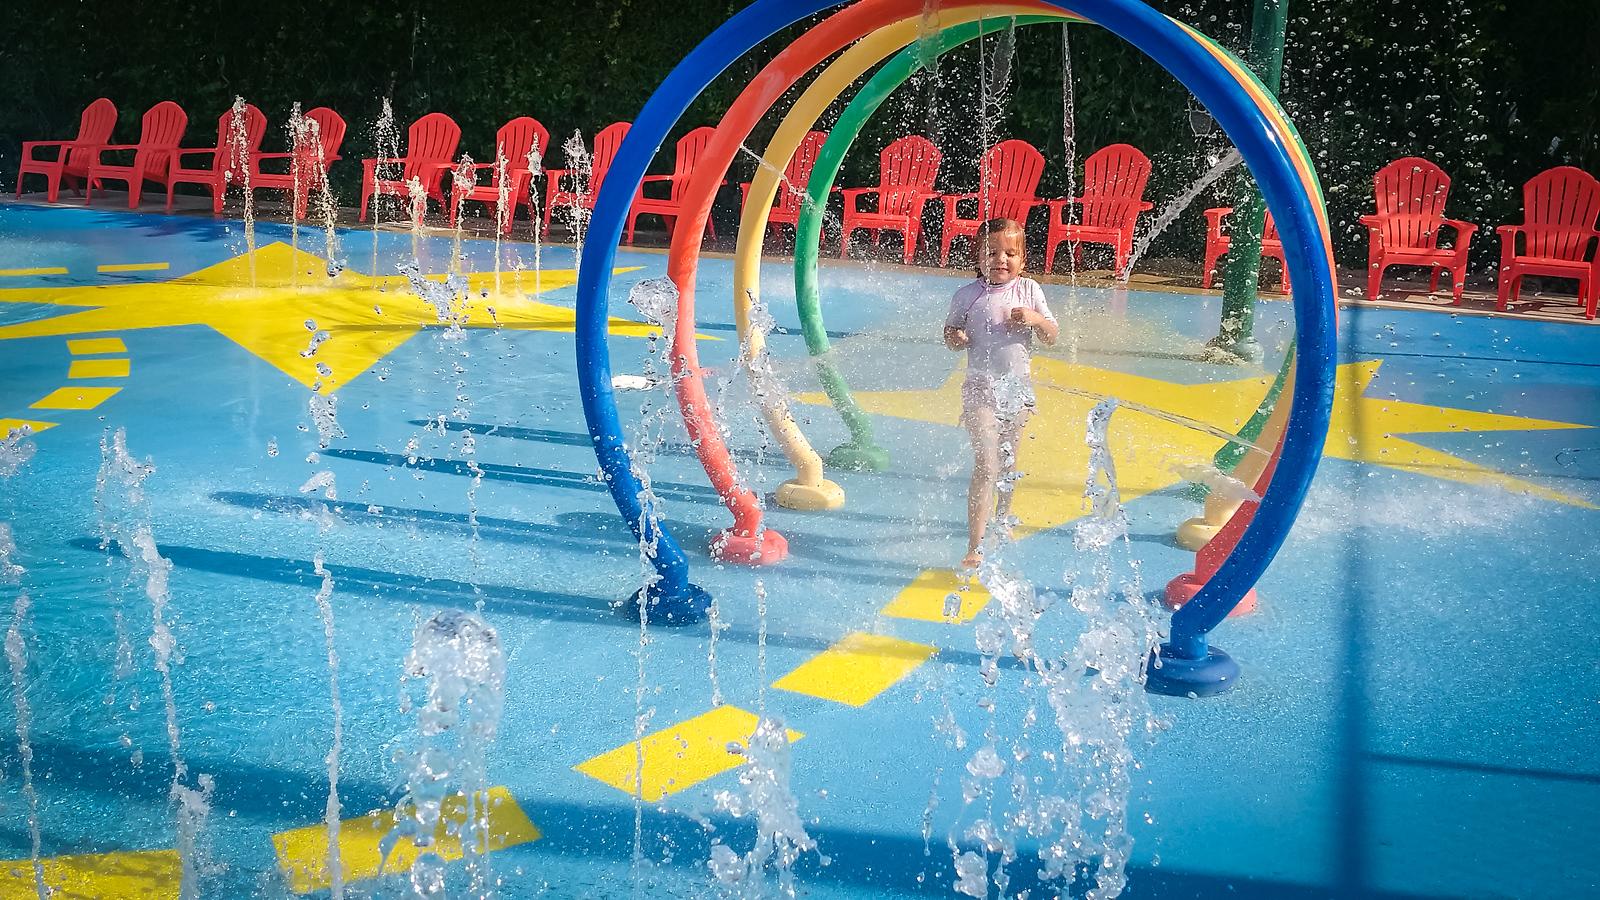 Splash Pad - June 10